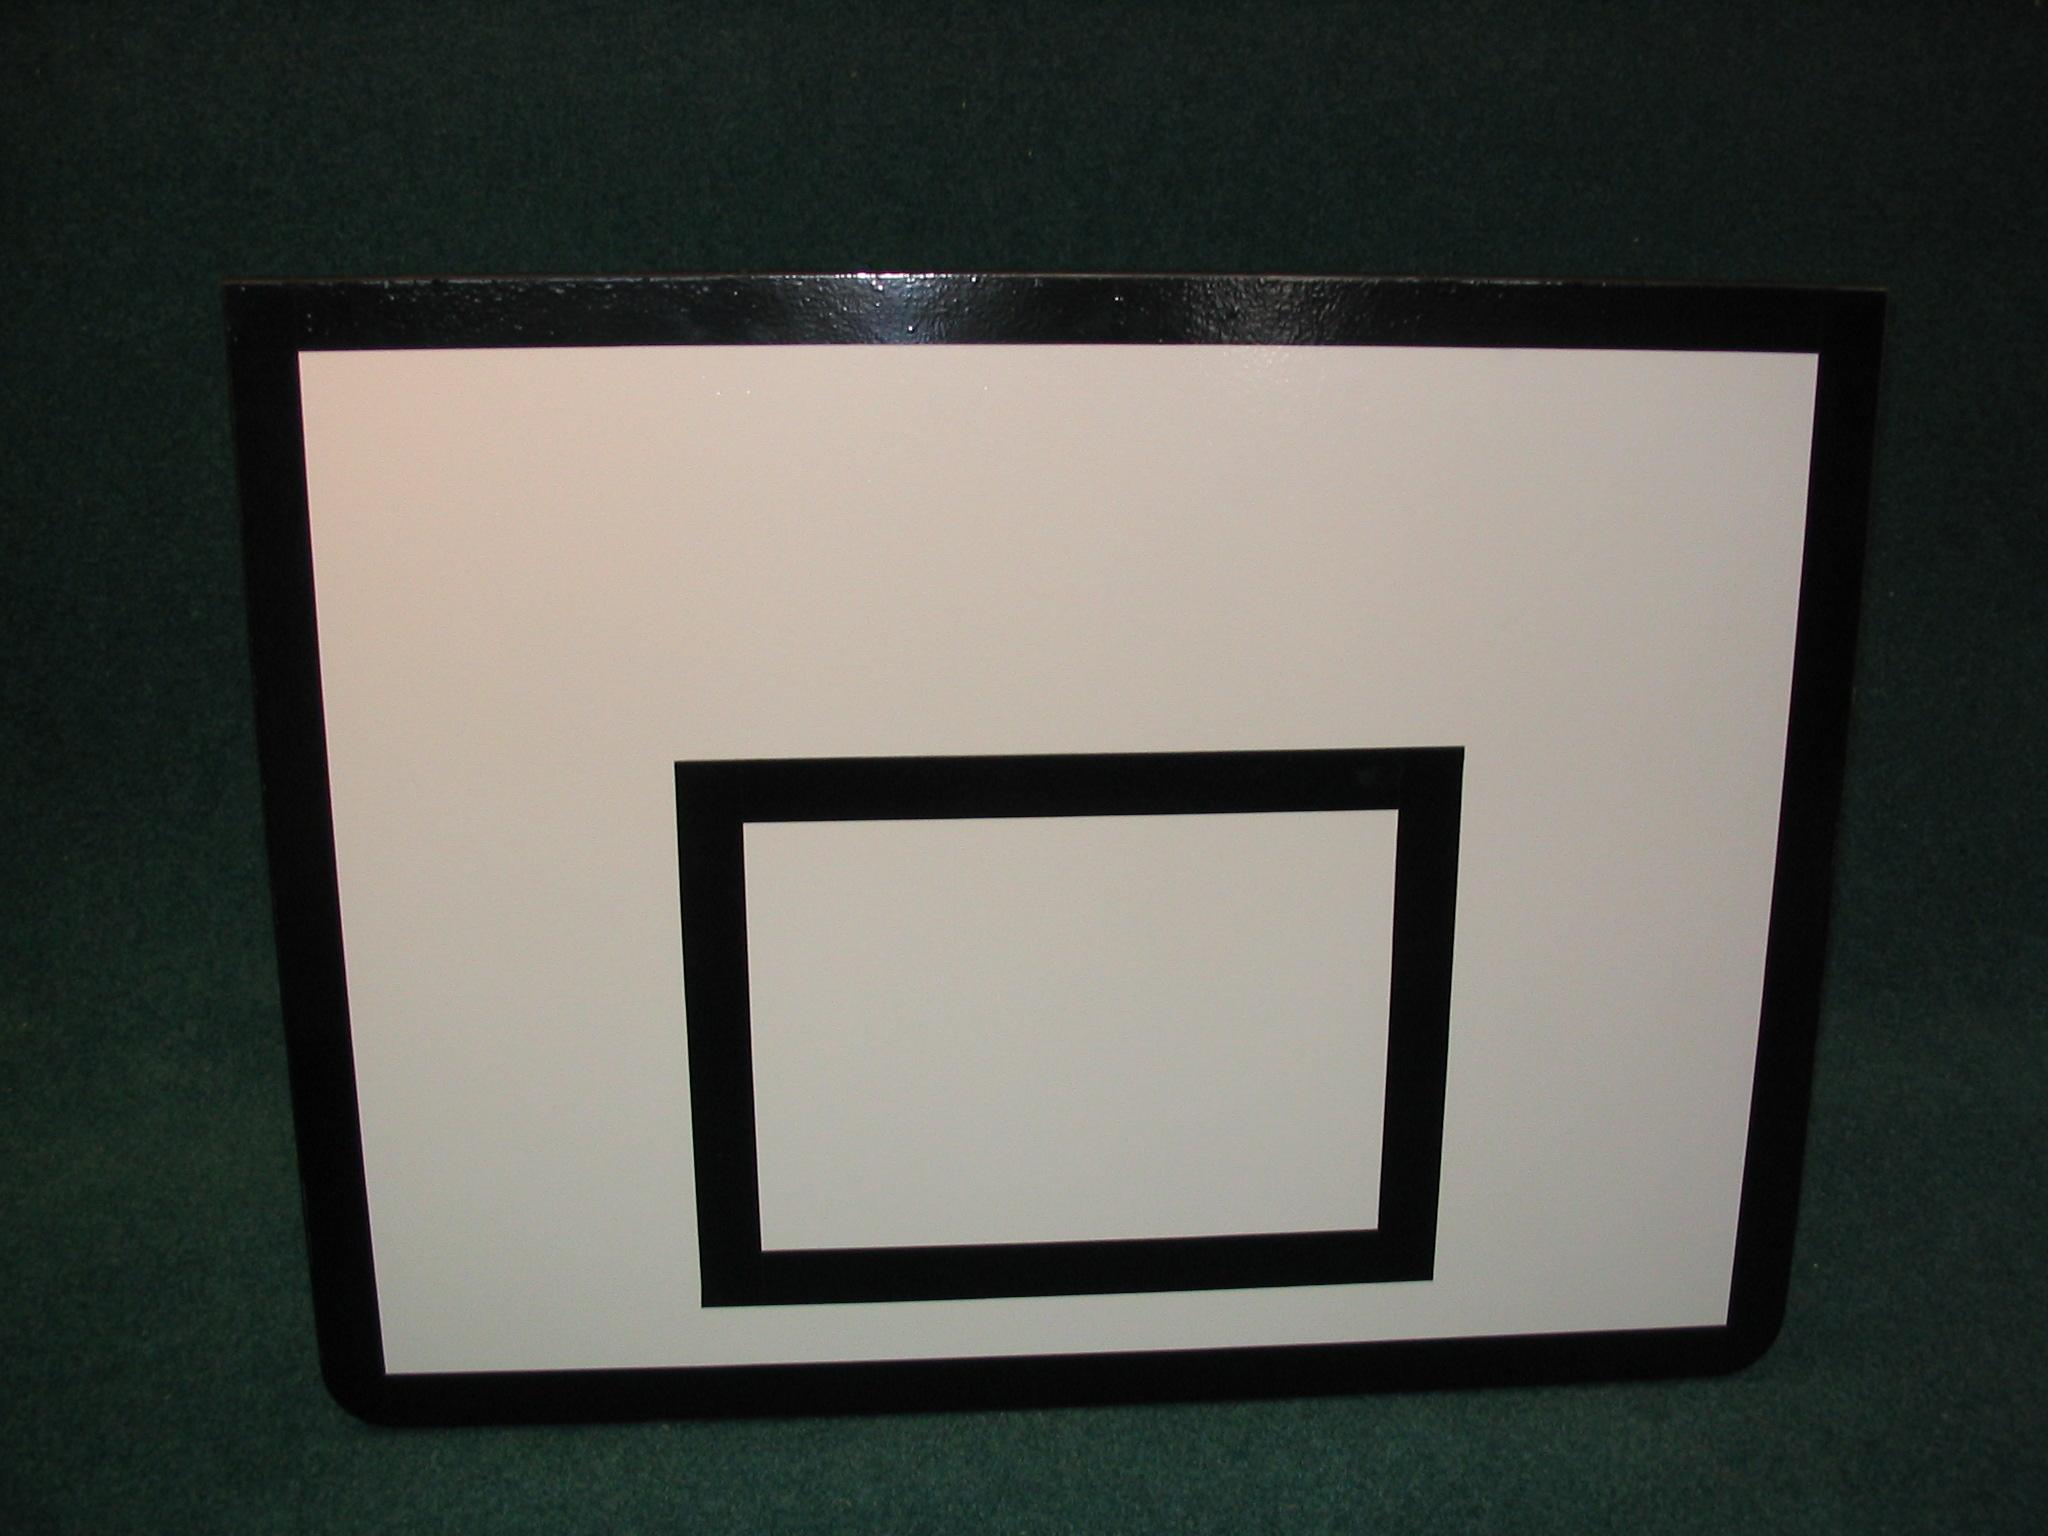 Basketbalová doska = 120 x 90 cm, vnútorná